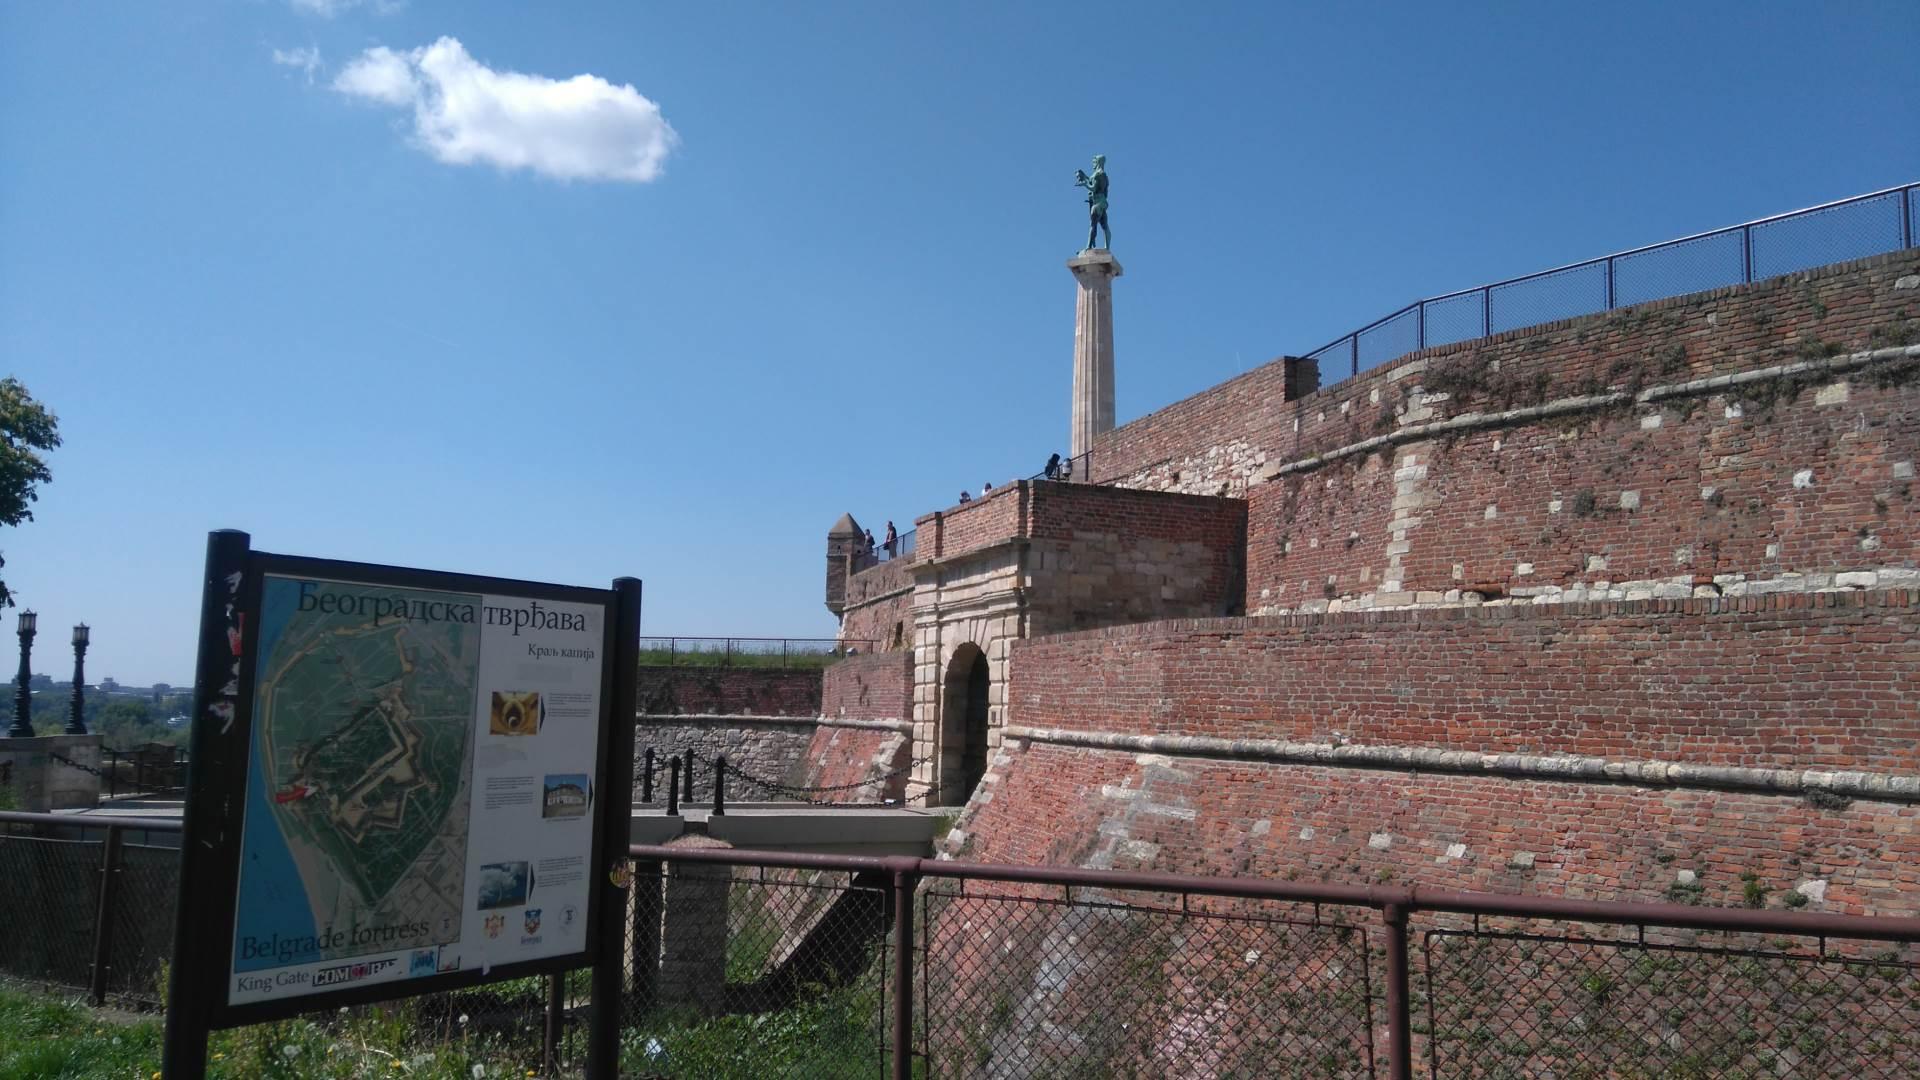 kalemegdan beogradska tvrđava znak